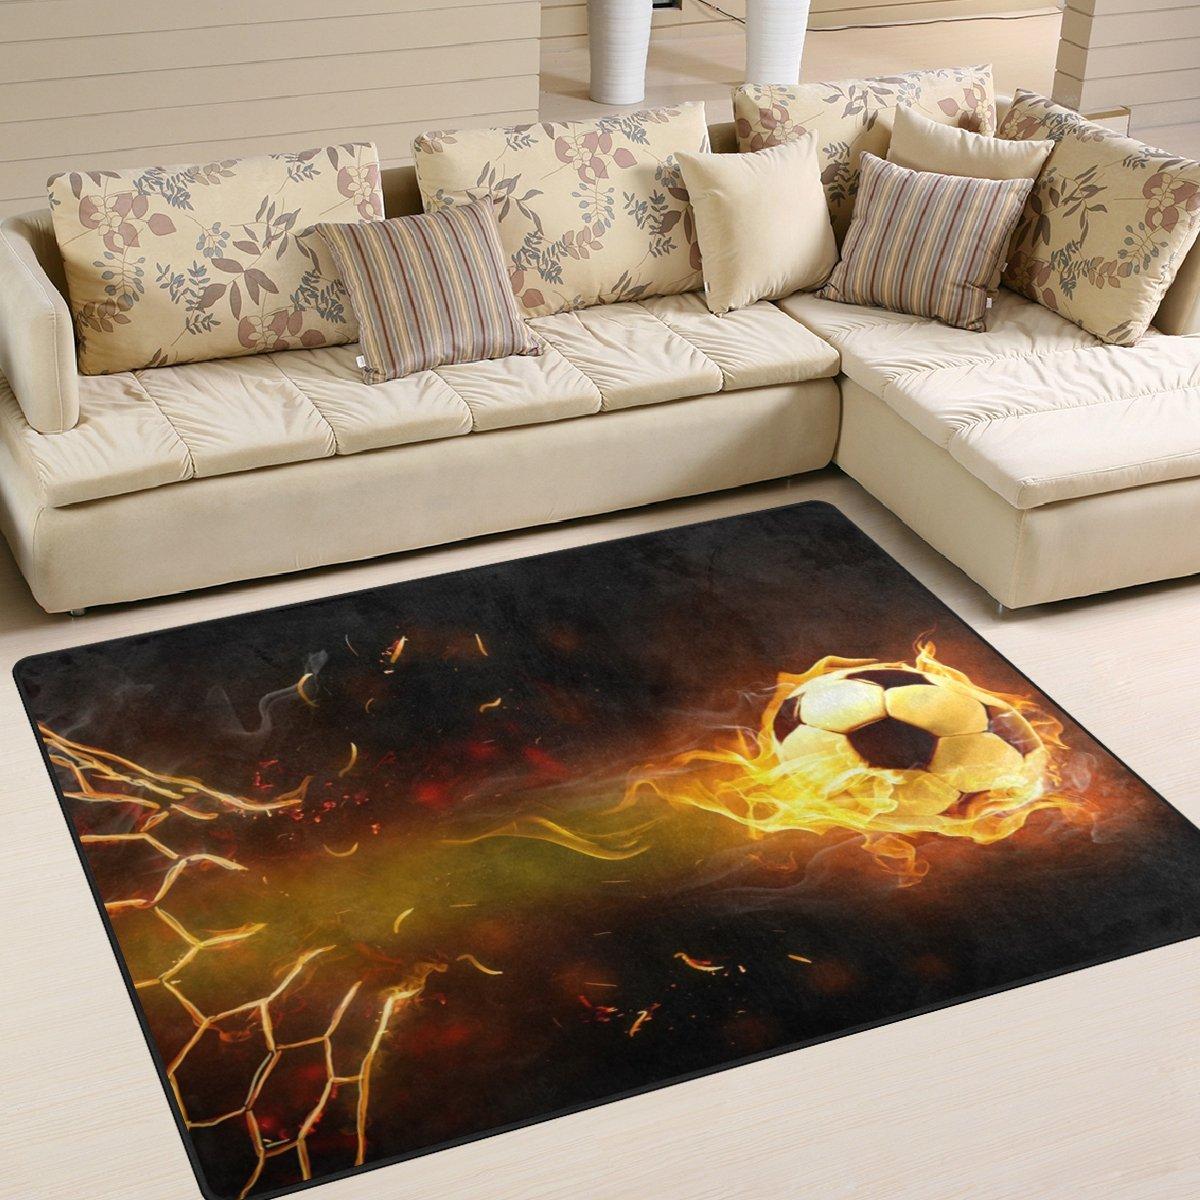 Naanle Fußball-Rutschfeste Bereich Teppich für Dinning Wohnzimmer Schlafzimmer Küche, 50 x 80 cm (7 x 2,6 m), Kinderzimmer-Teppich Boden Teppich Yoga-Matte, Multi, 150 x 200 cm(5' x 7')